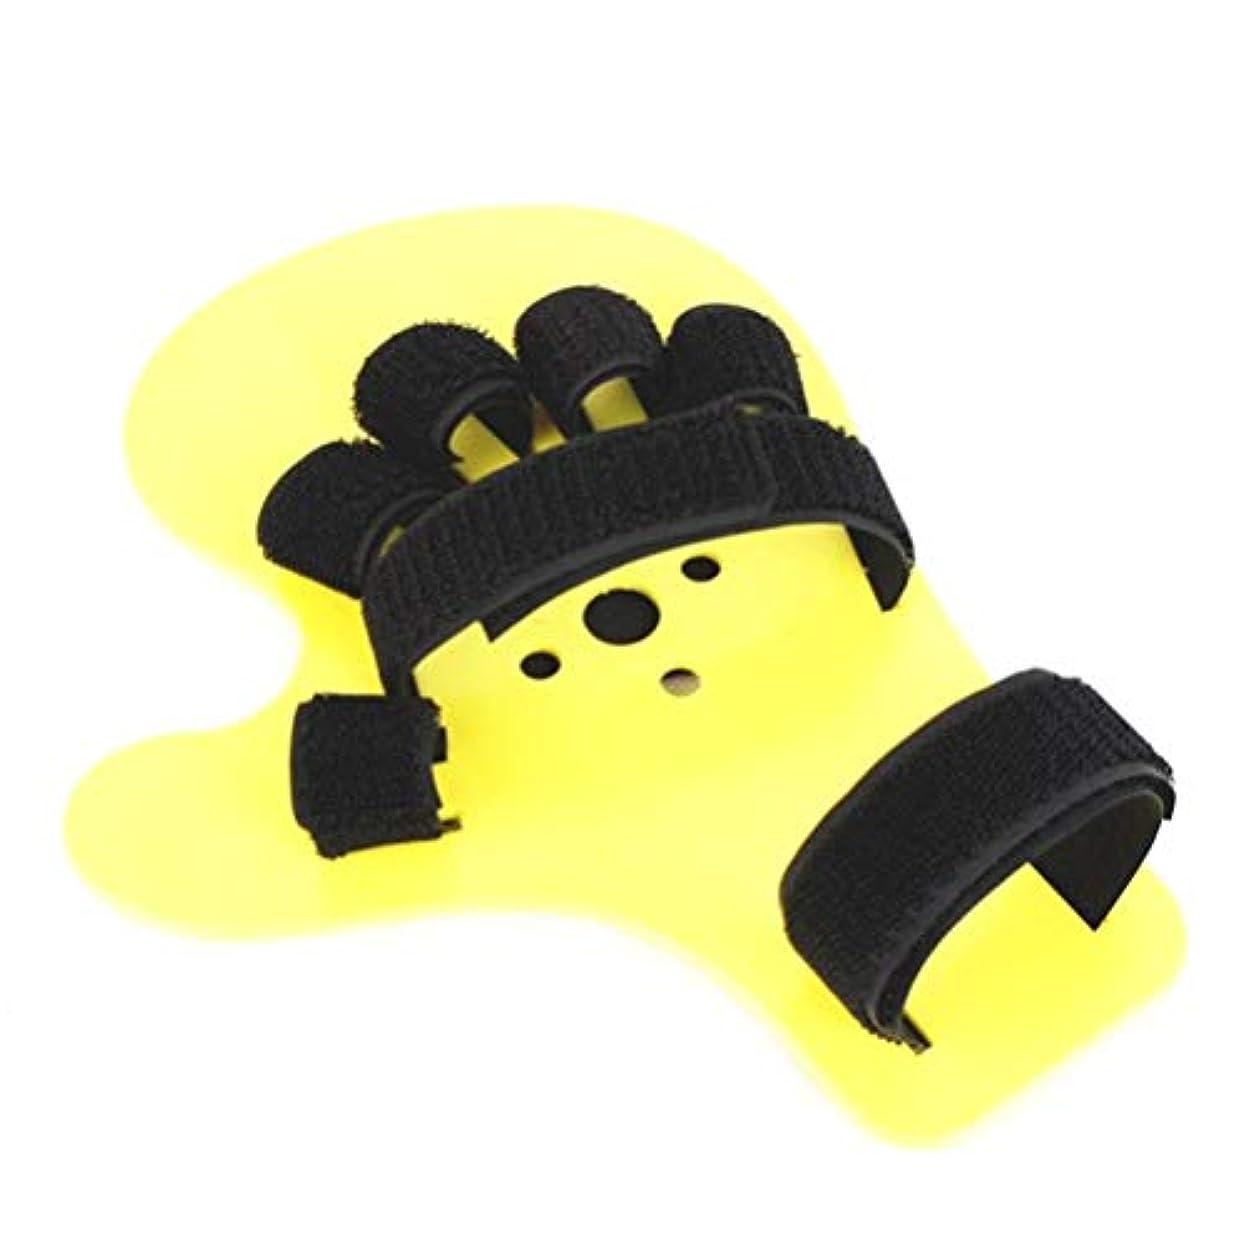 屋内で引っ張るどこABS調節可能な大人の指のトレーニング機器、/片麻痺/外傷性脳損傷リハビリテーション機器-左利きと右利き脳卒中の指インソール指ポイント